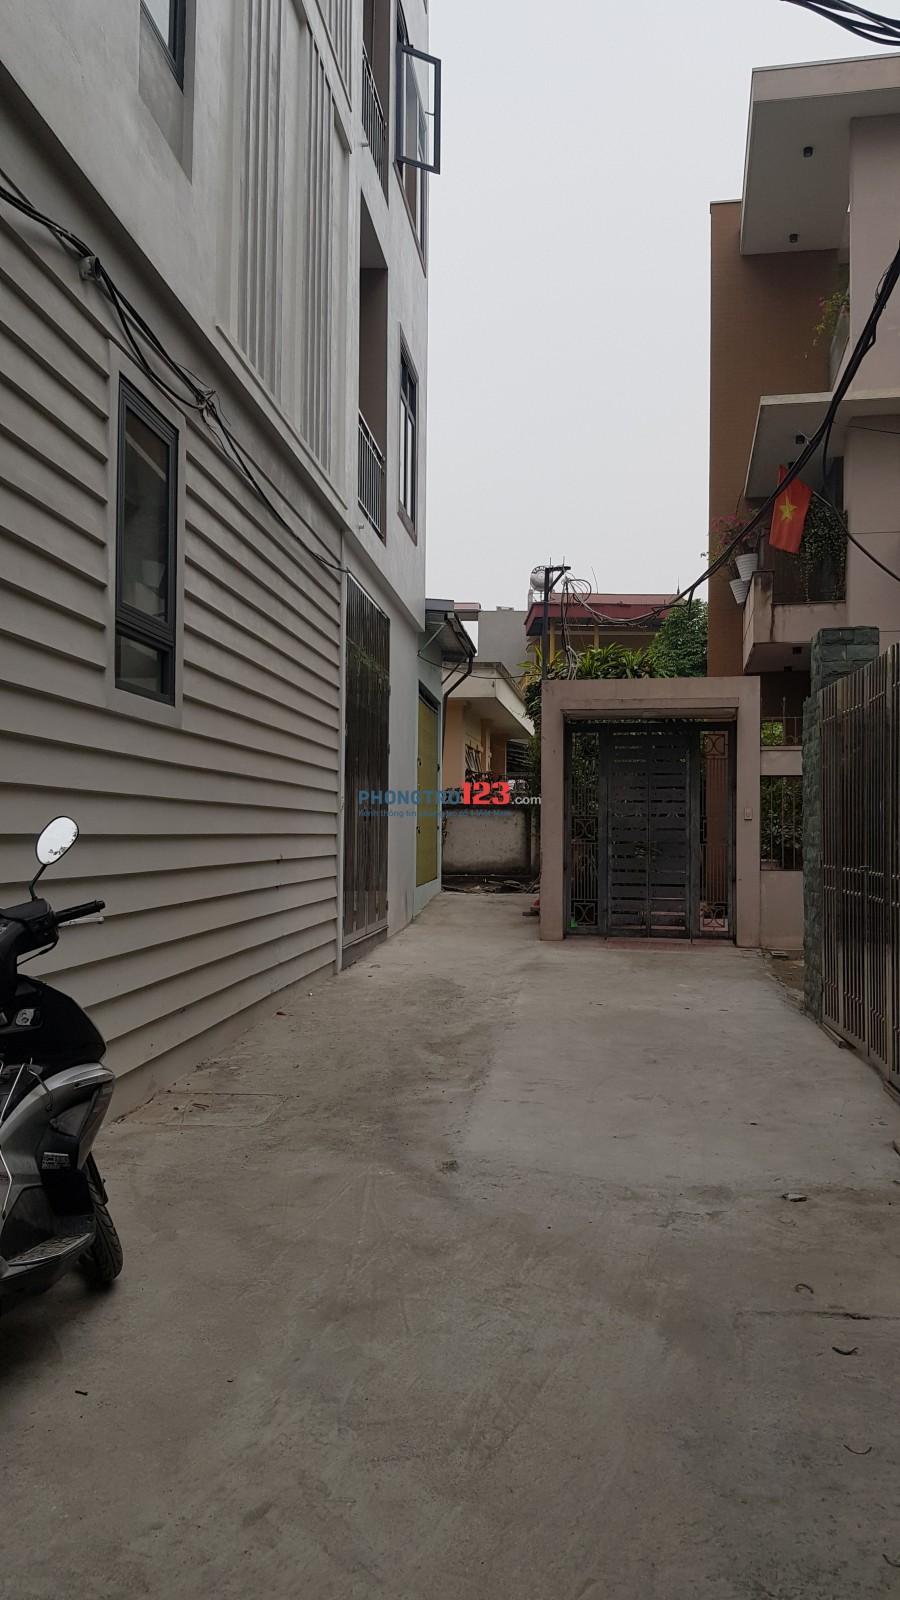 Cho thuê nhà, hộ gia đình, sinh viên. Đ/c 70 Đường Đa Sĩ, Phường Kiến Hưng, Quận Hà Đông, Hà Nội